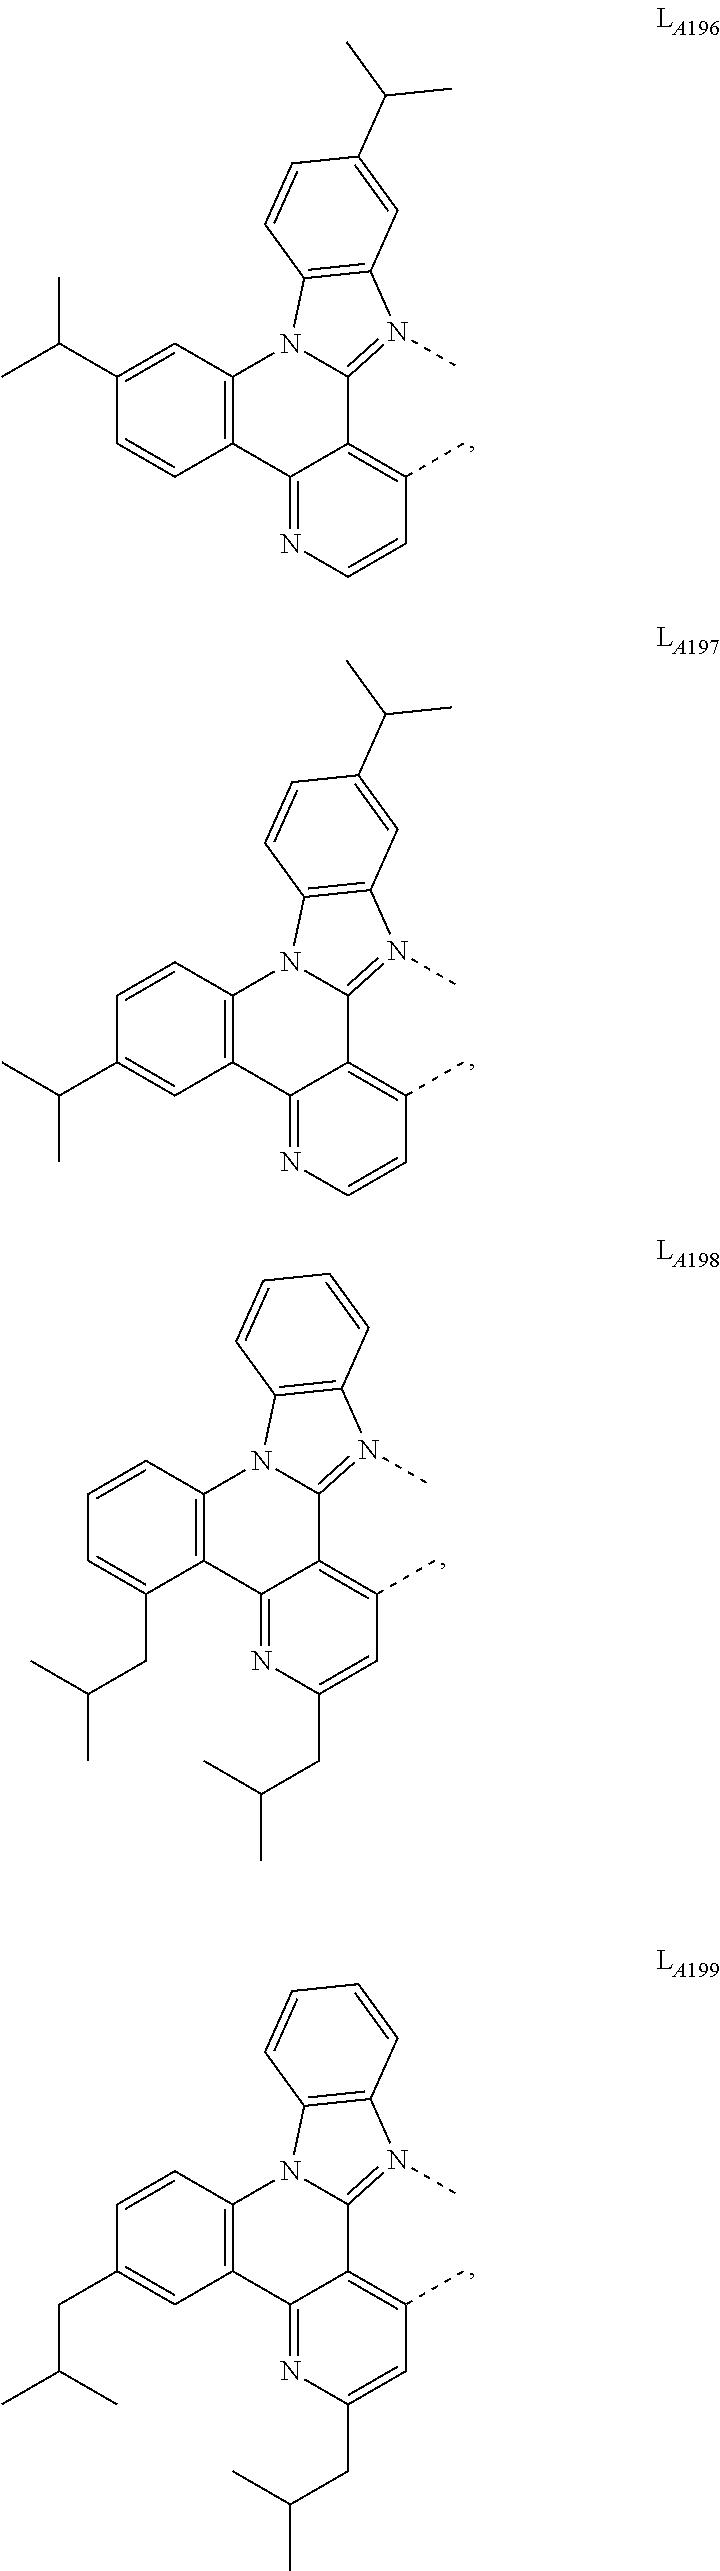 Figure US09905785-20180227-C00070